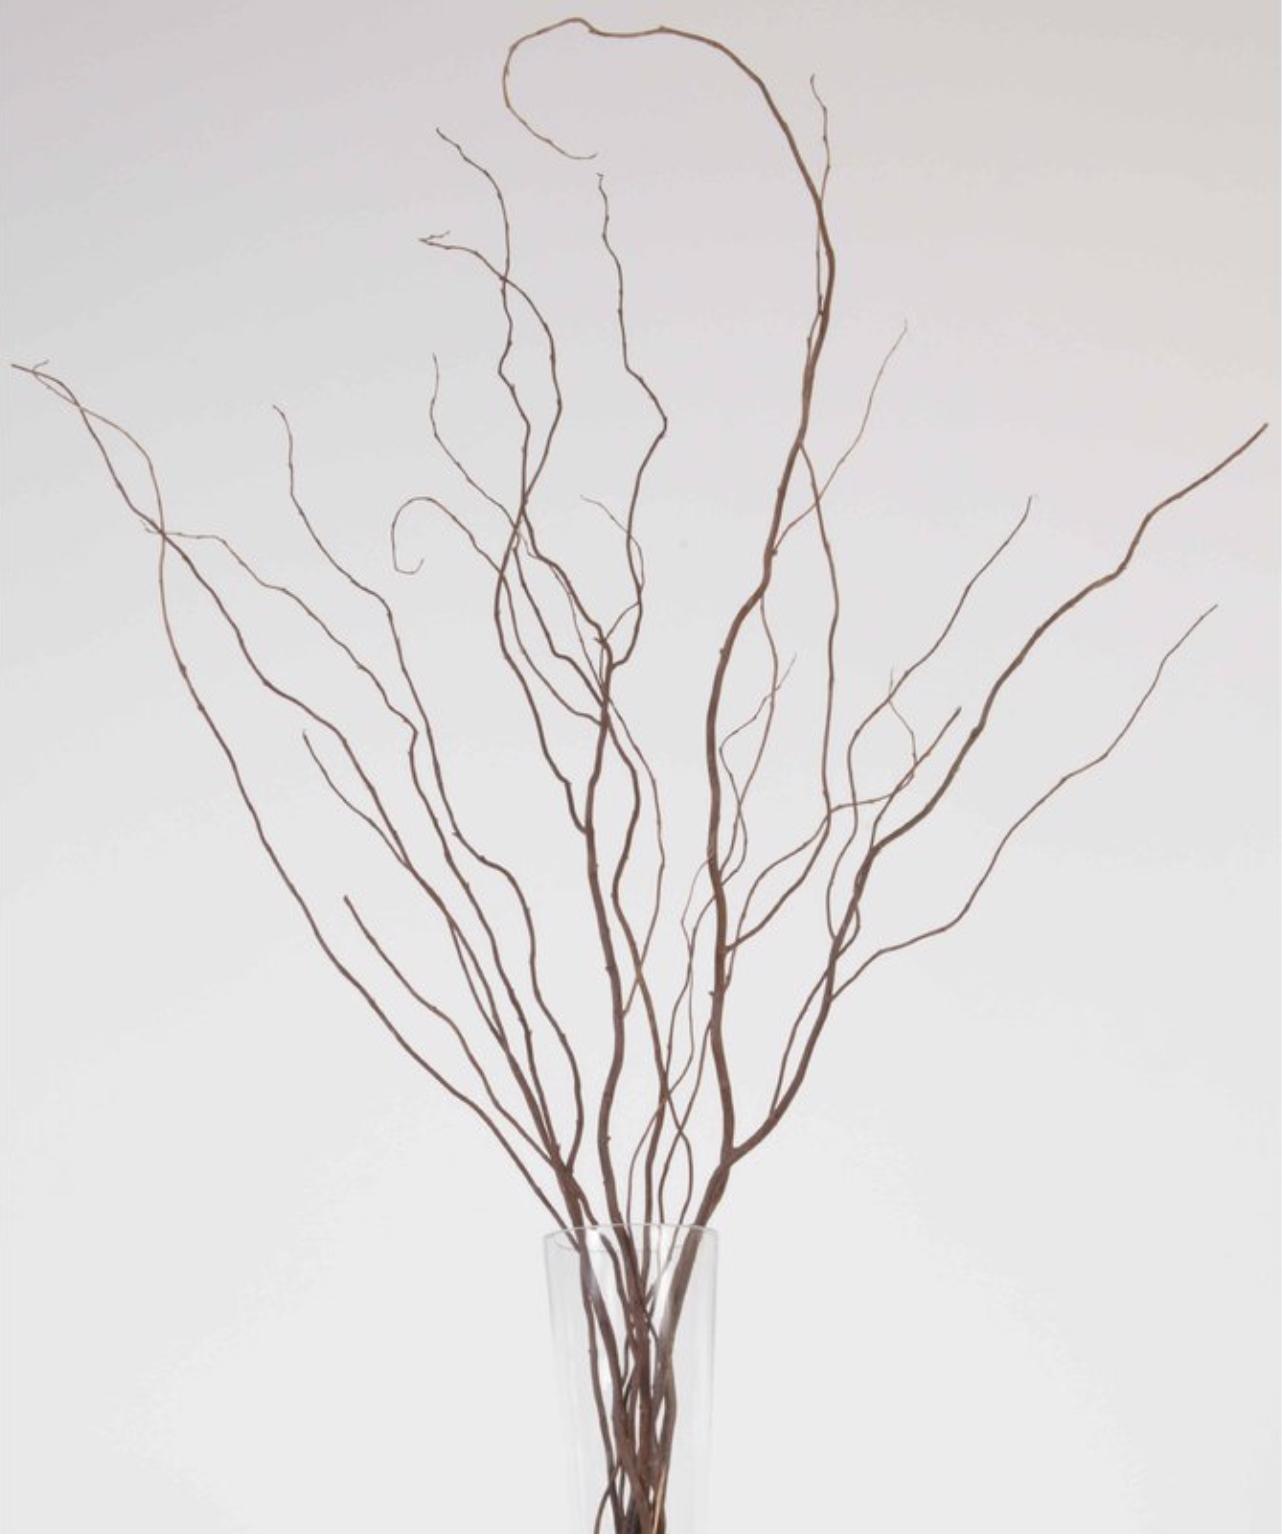 Curly Willow Branch Willow Branches Curly Willow Dry Branch